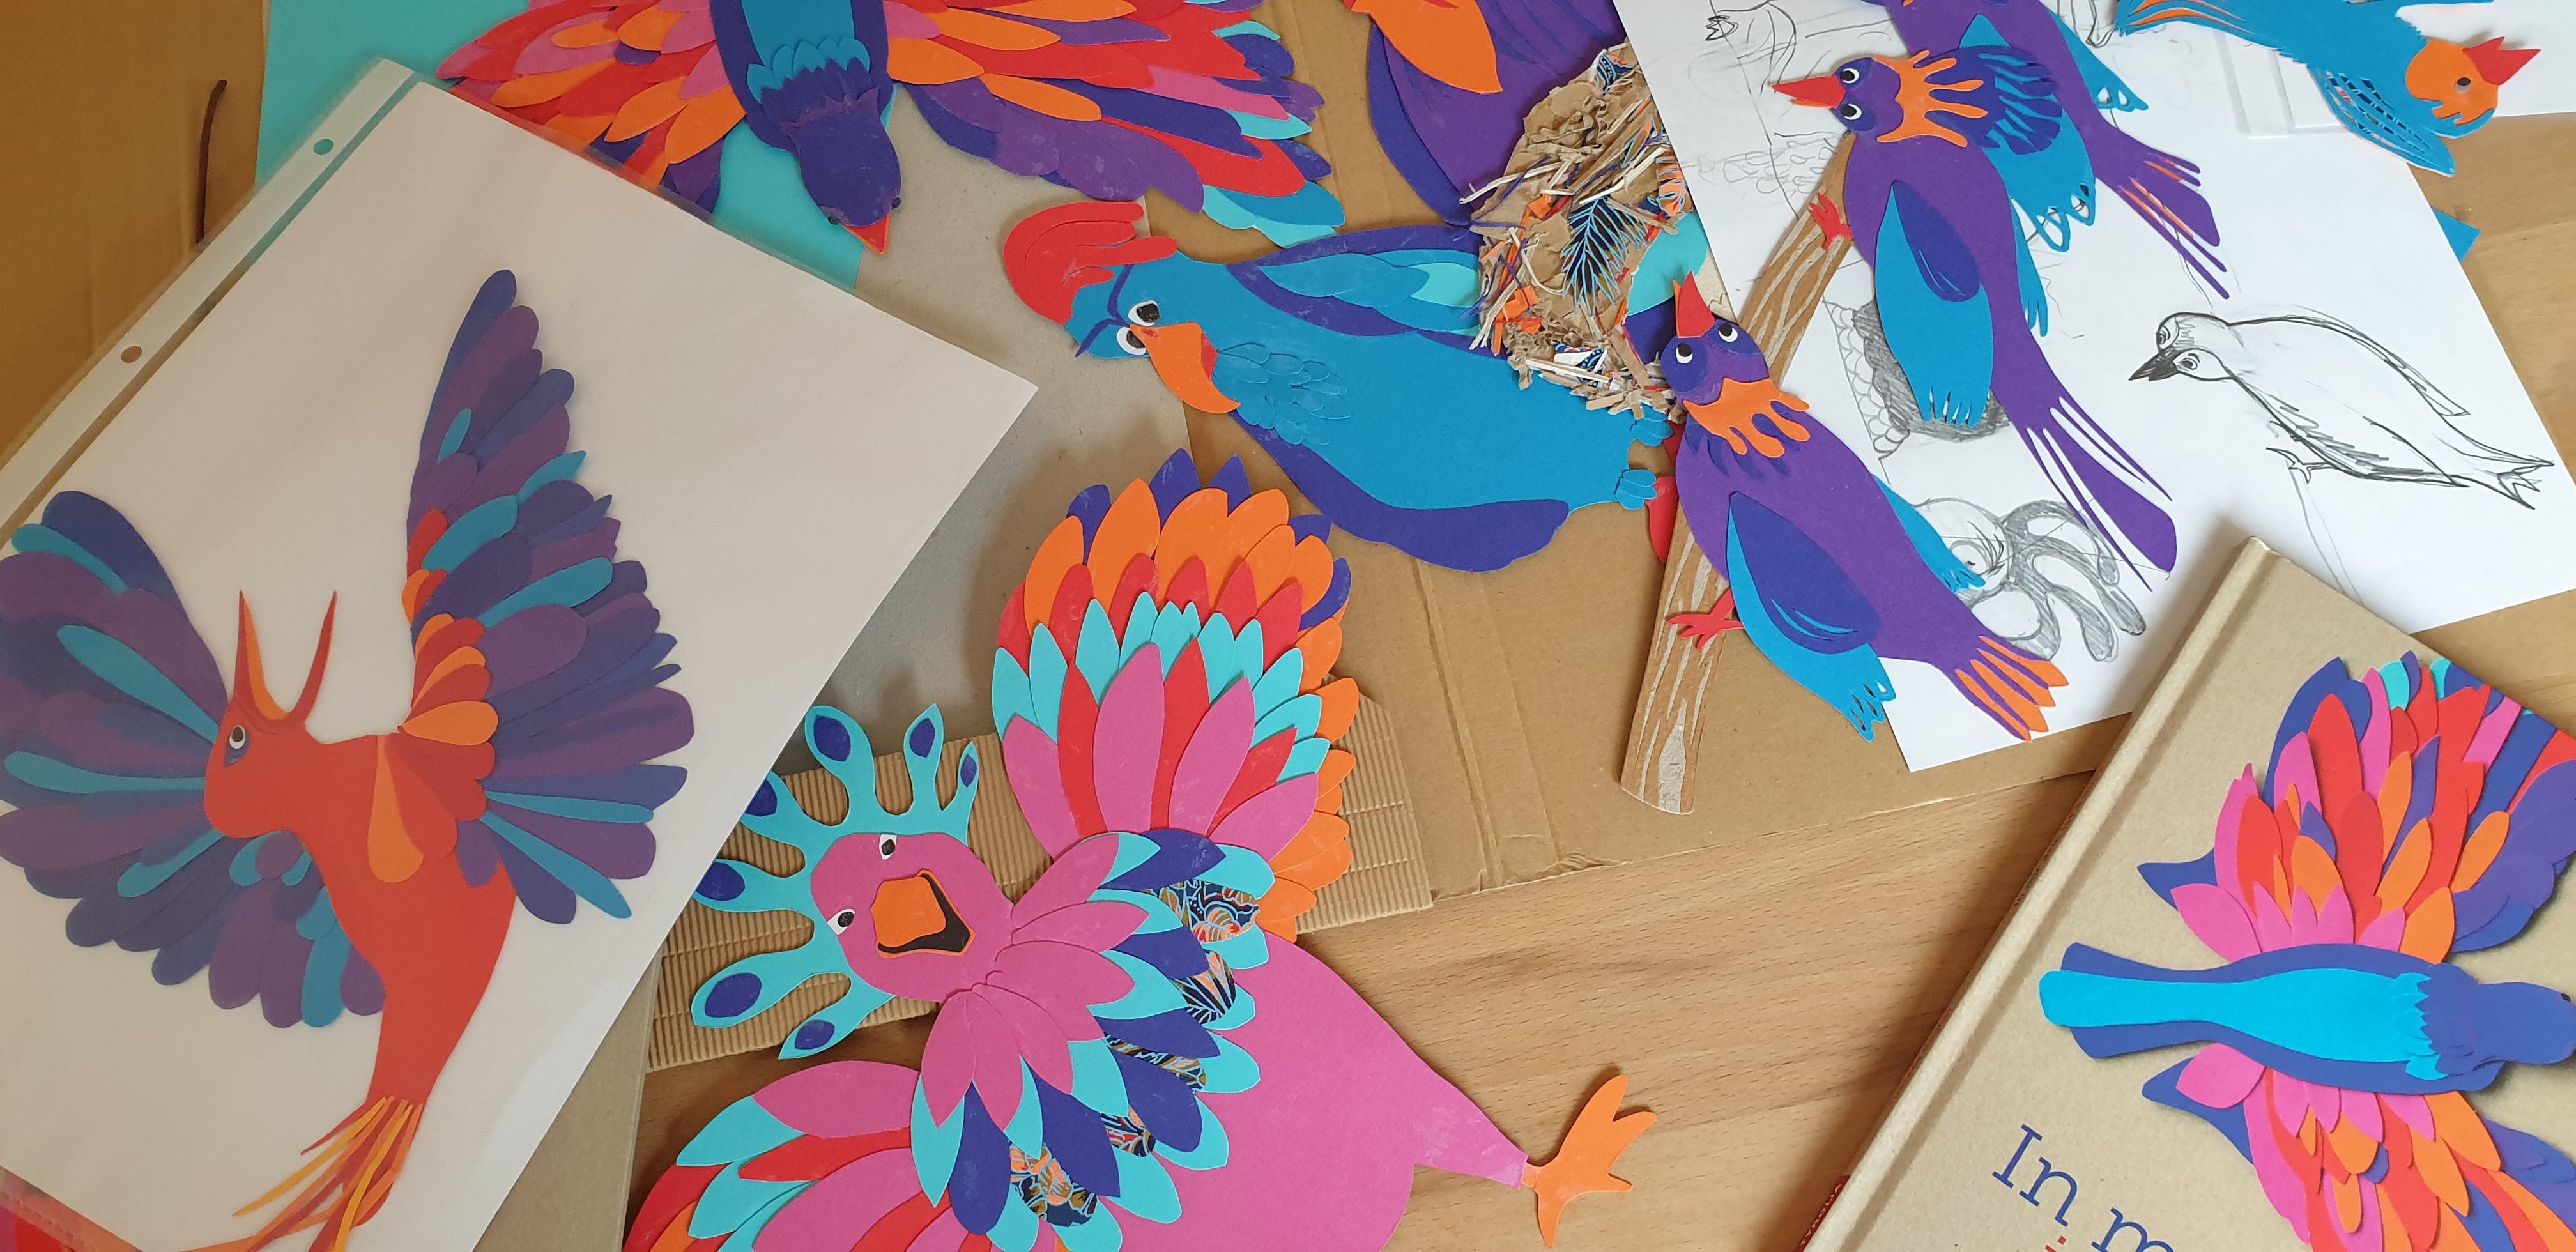 Bilderbuch, Gefühle, Illustration, Vögel, basteln, Collage, vorlesen, Kindergarten